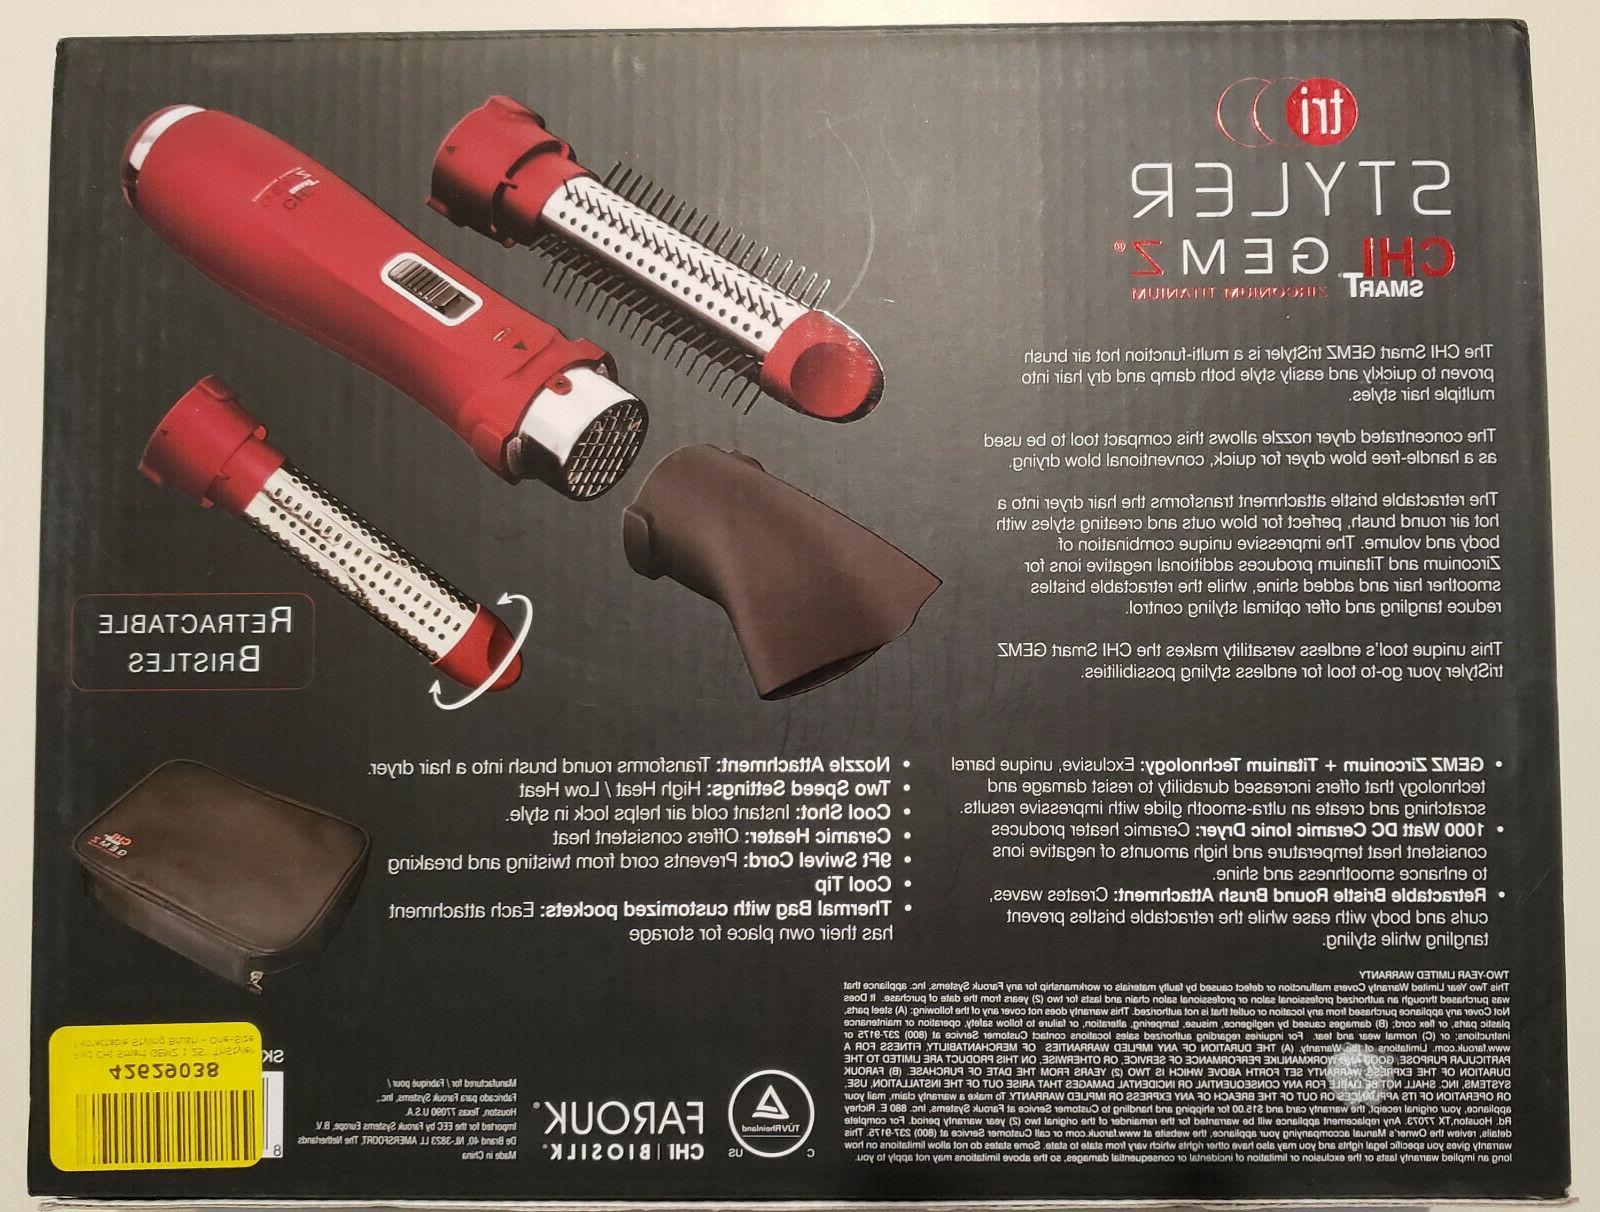 NIB triStyler function air brush,